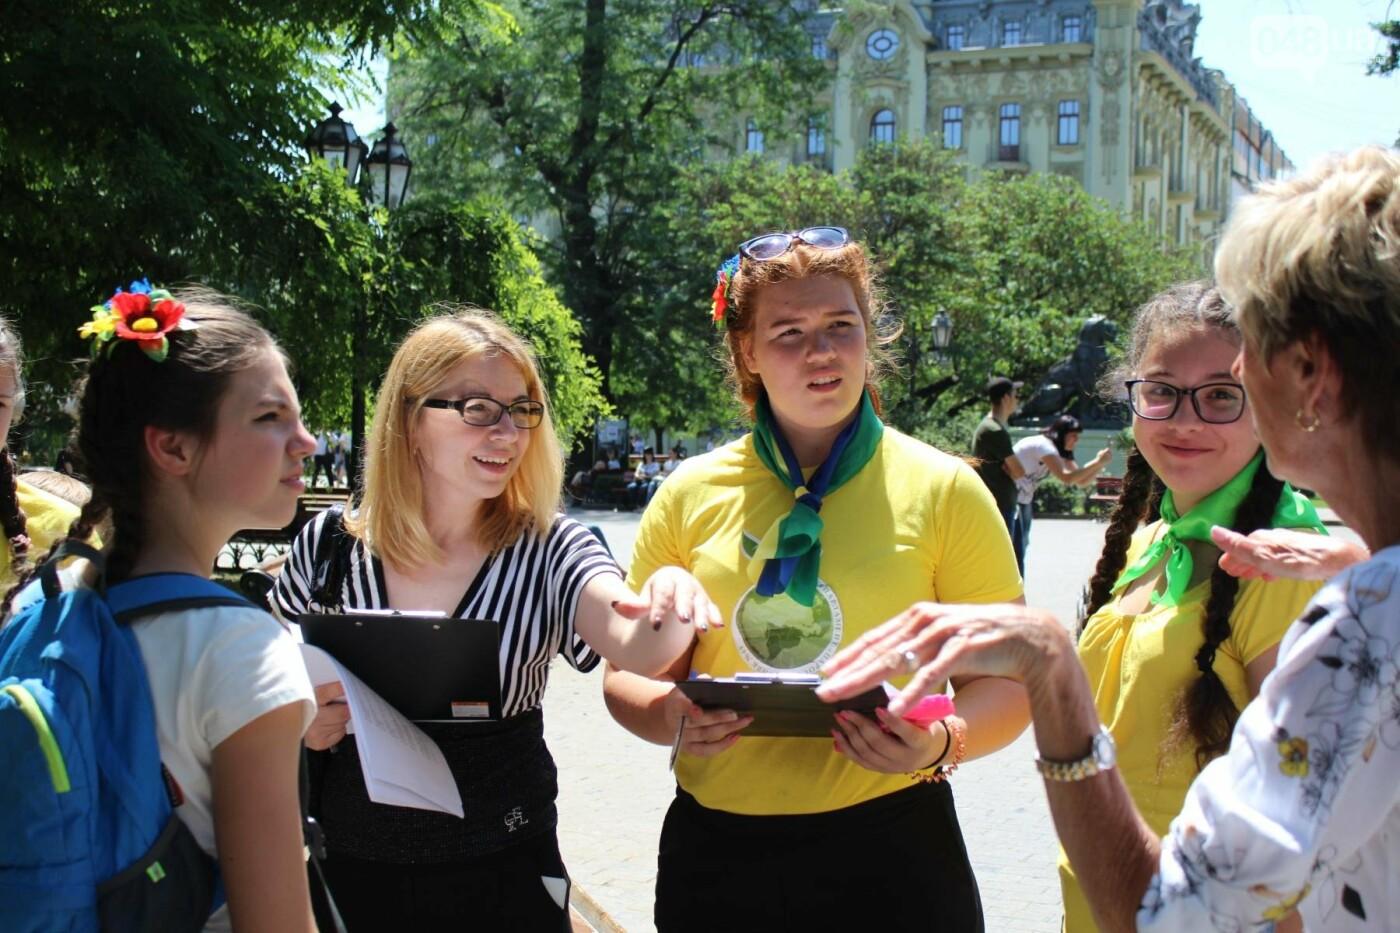 Топ проблем одесских парков по мнению одесситов и гостей города, фото-2